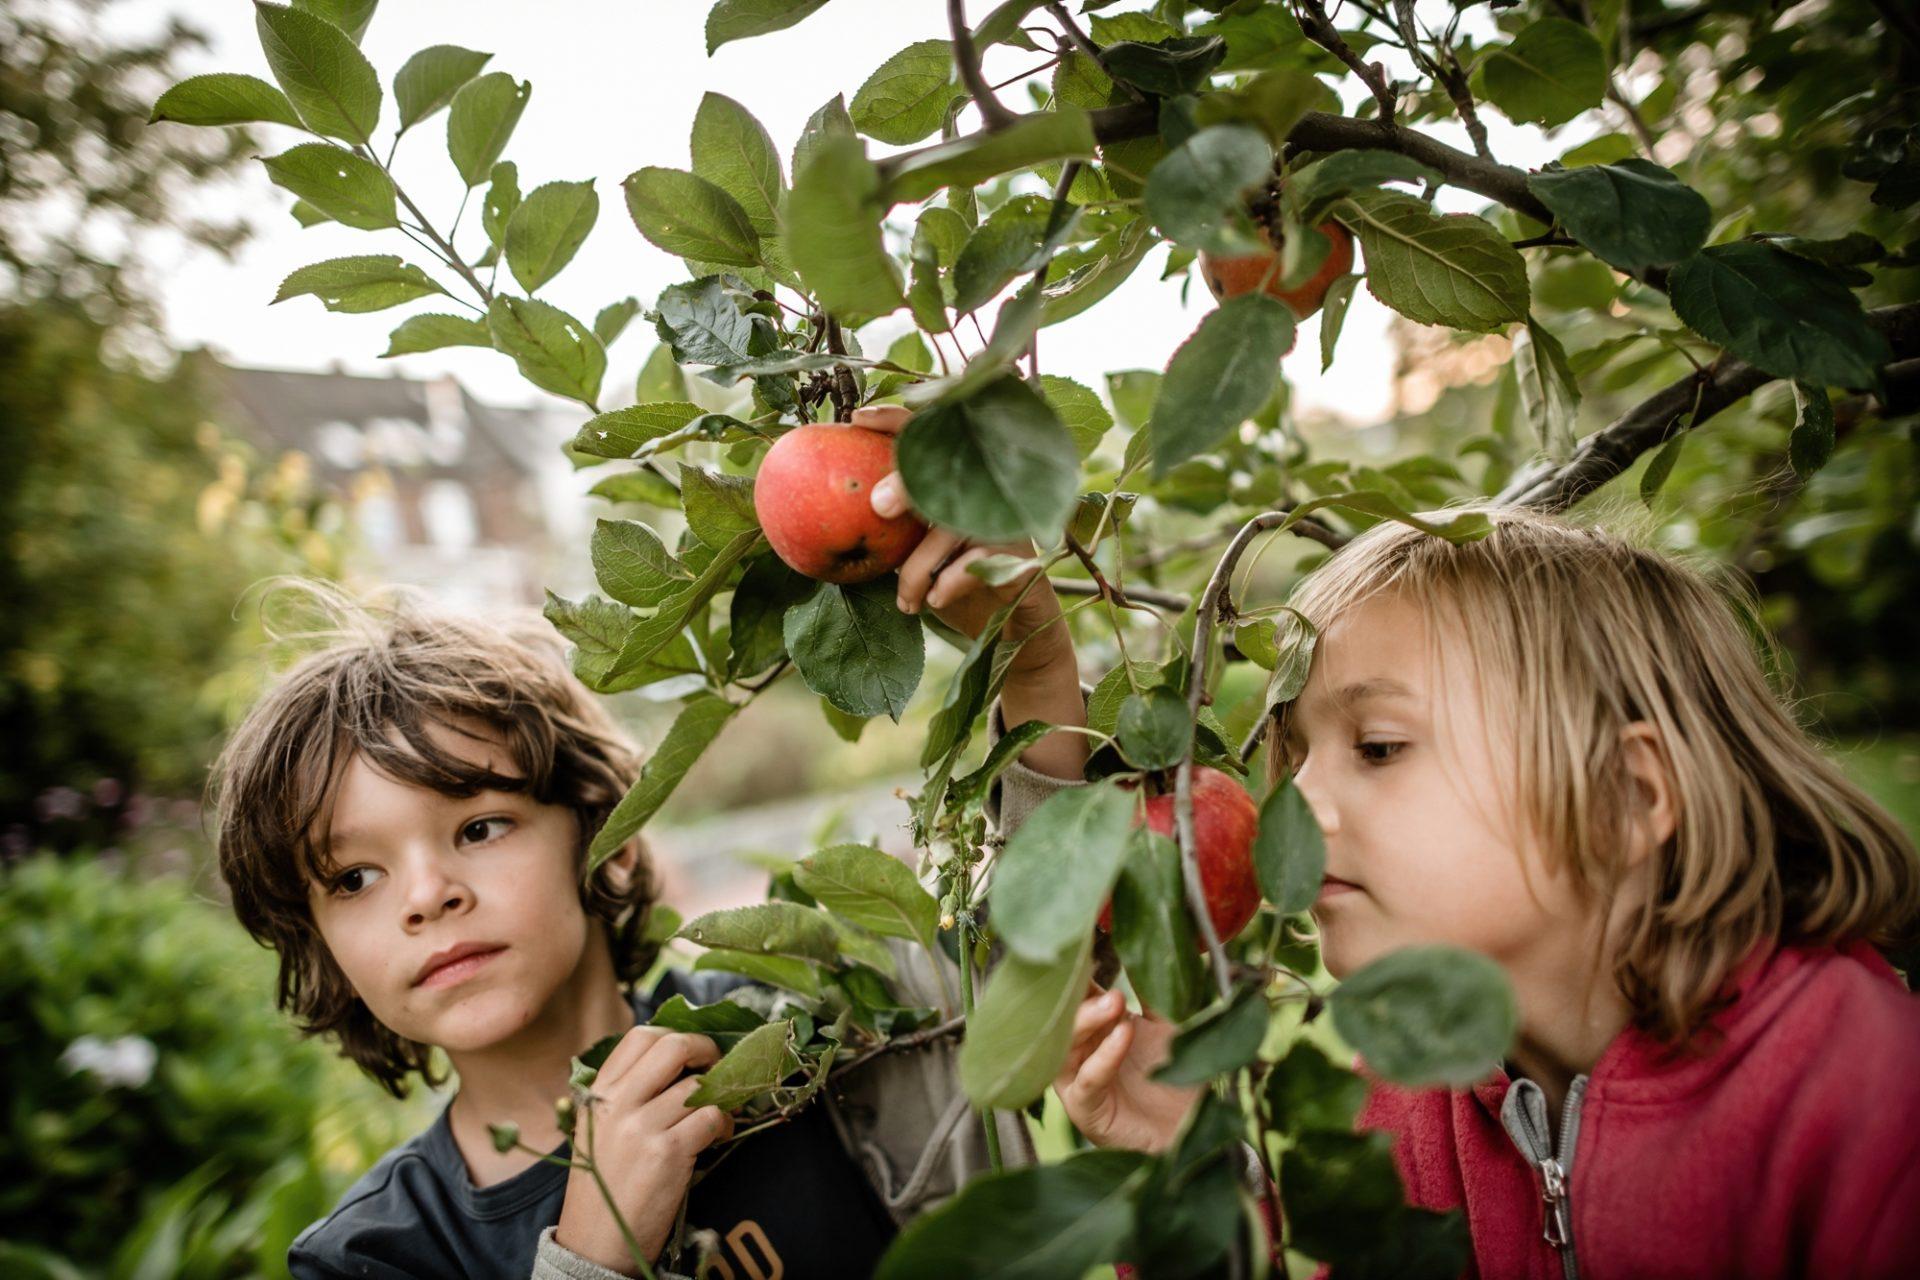 Wir sind alle Kinder von Mutter Erde. Was das für unser heutiges Leben bedeutet, erklärt unsere Kolumnistin in ihrem Artikel. Foto: Andreas Endermann